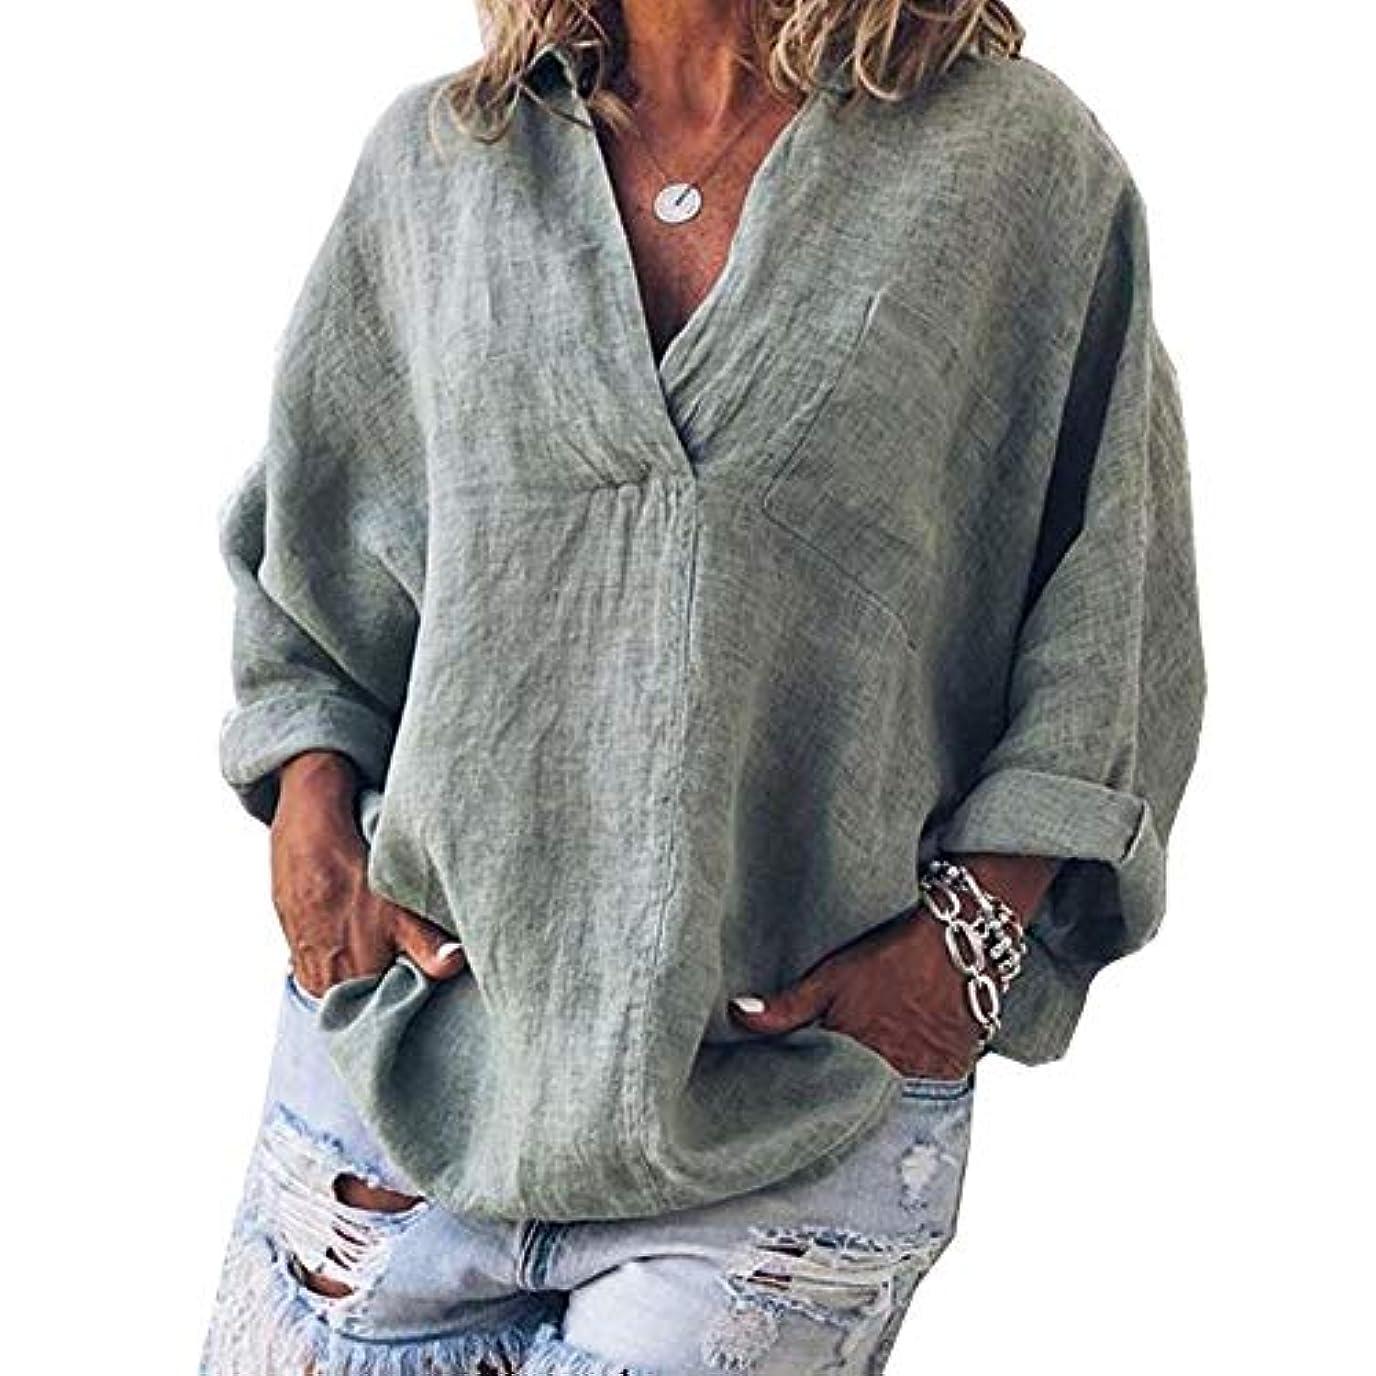 わがまま引用代わってMIFAN女性ファッション春夏チュニックトップス深いVネックTシャツ長袖プルオーバールーズリネンブラウス